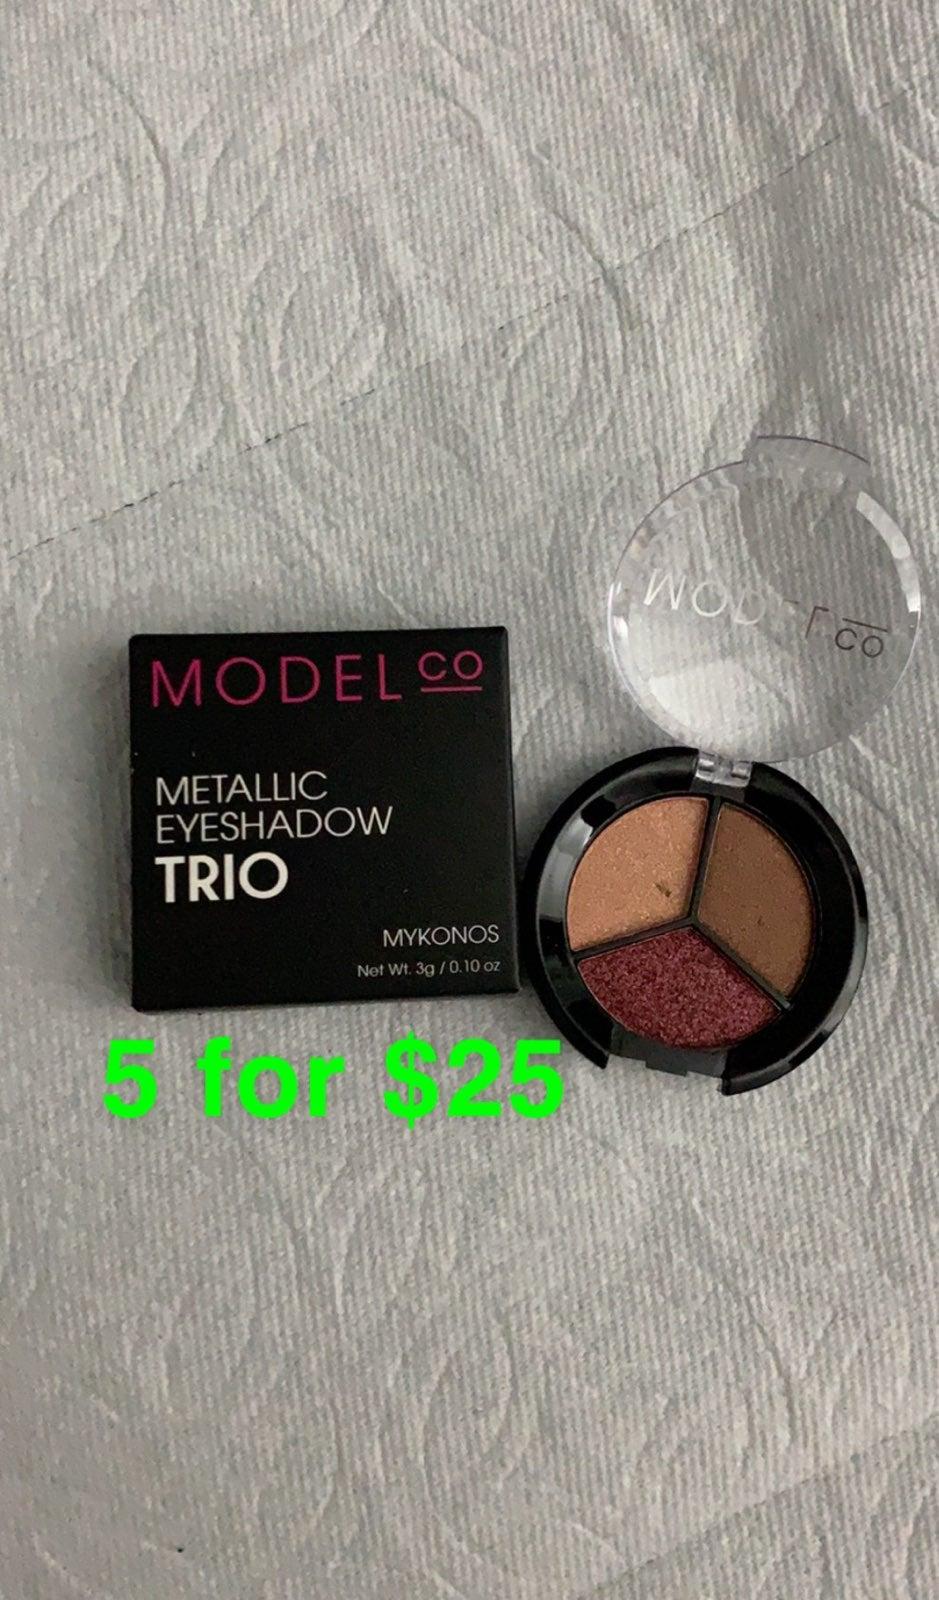 Model Co Eye Eyeshadow Trio